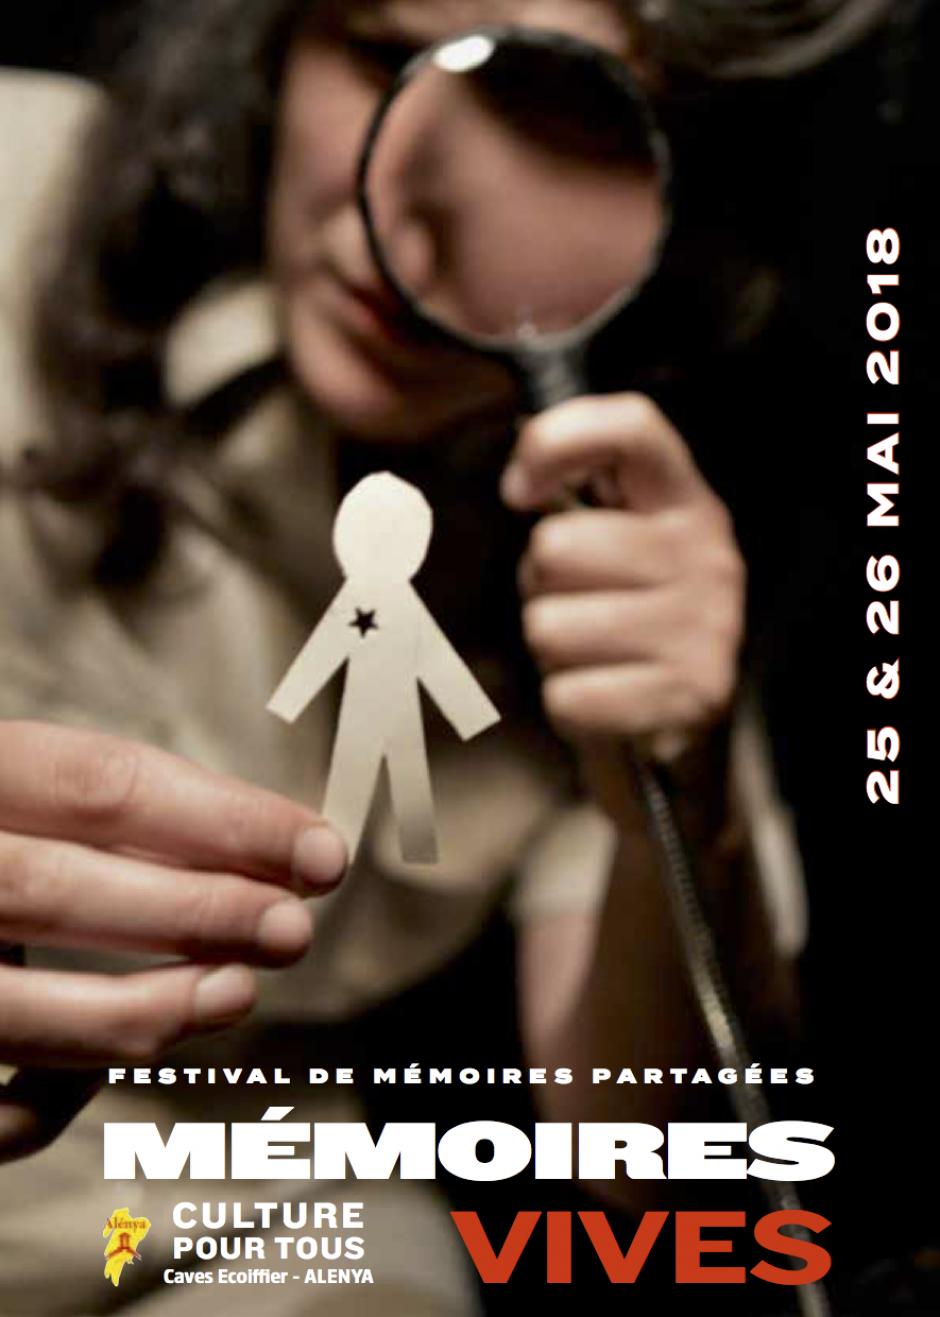 Mémoires vives - Festival de mémoires partagées